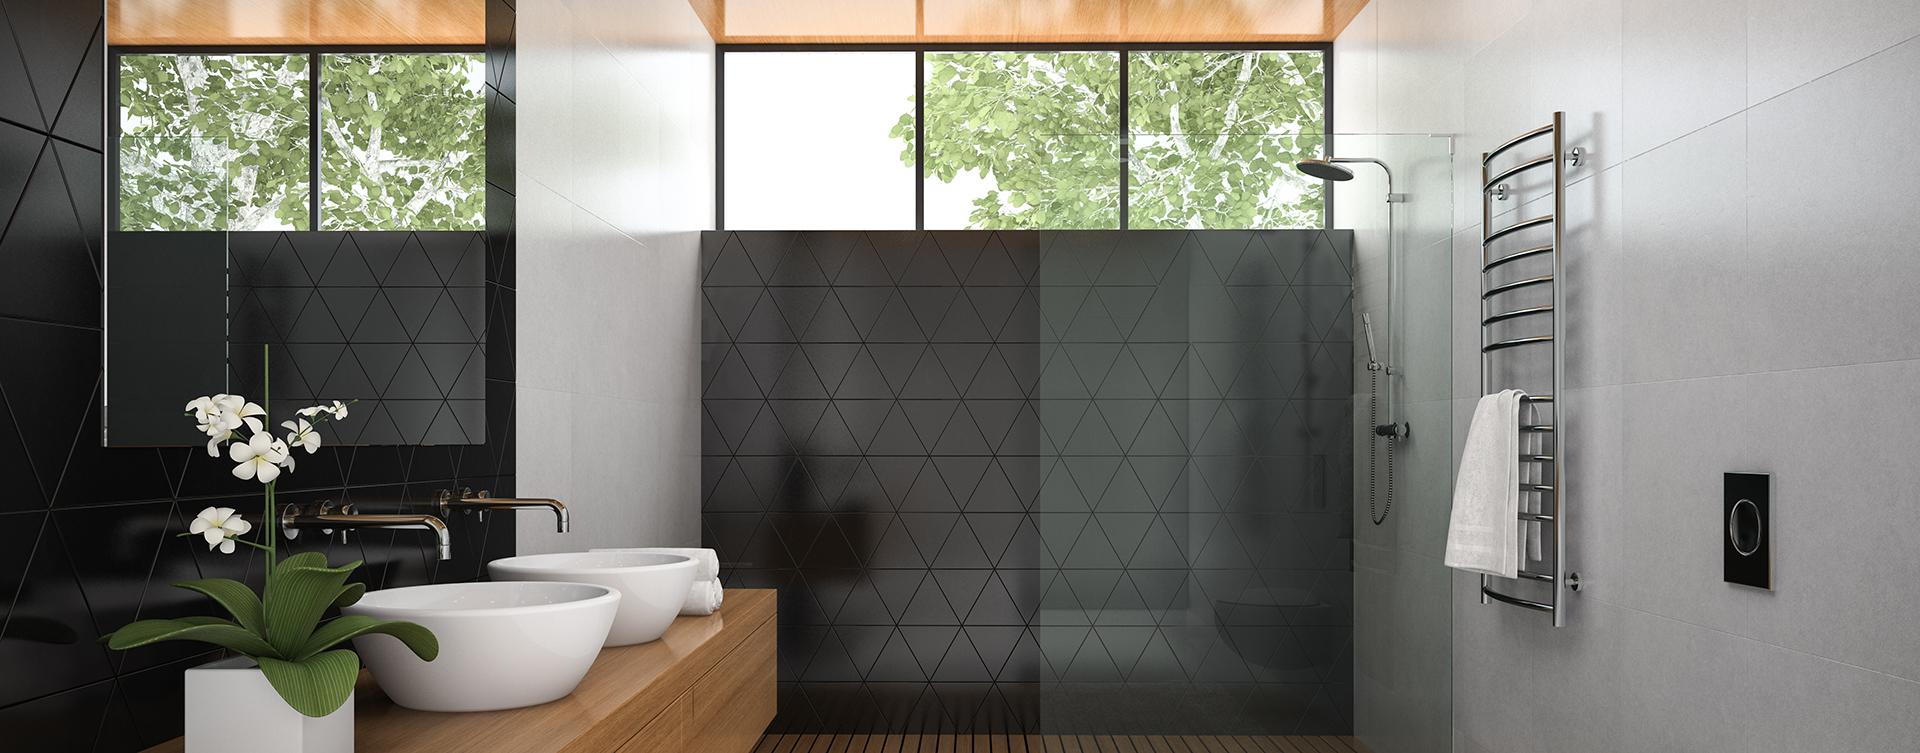 Marker kerámia fürdőszoba szalon